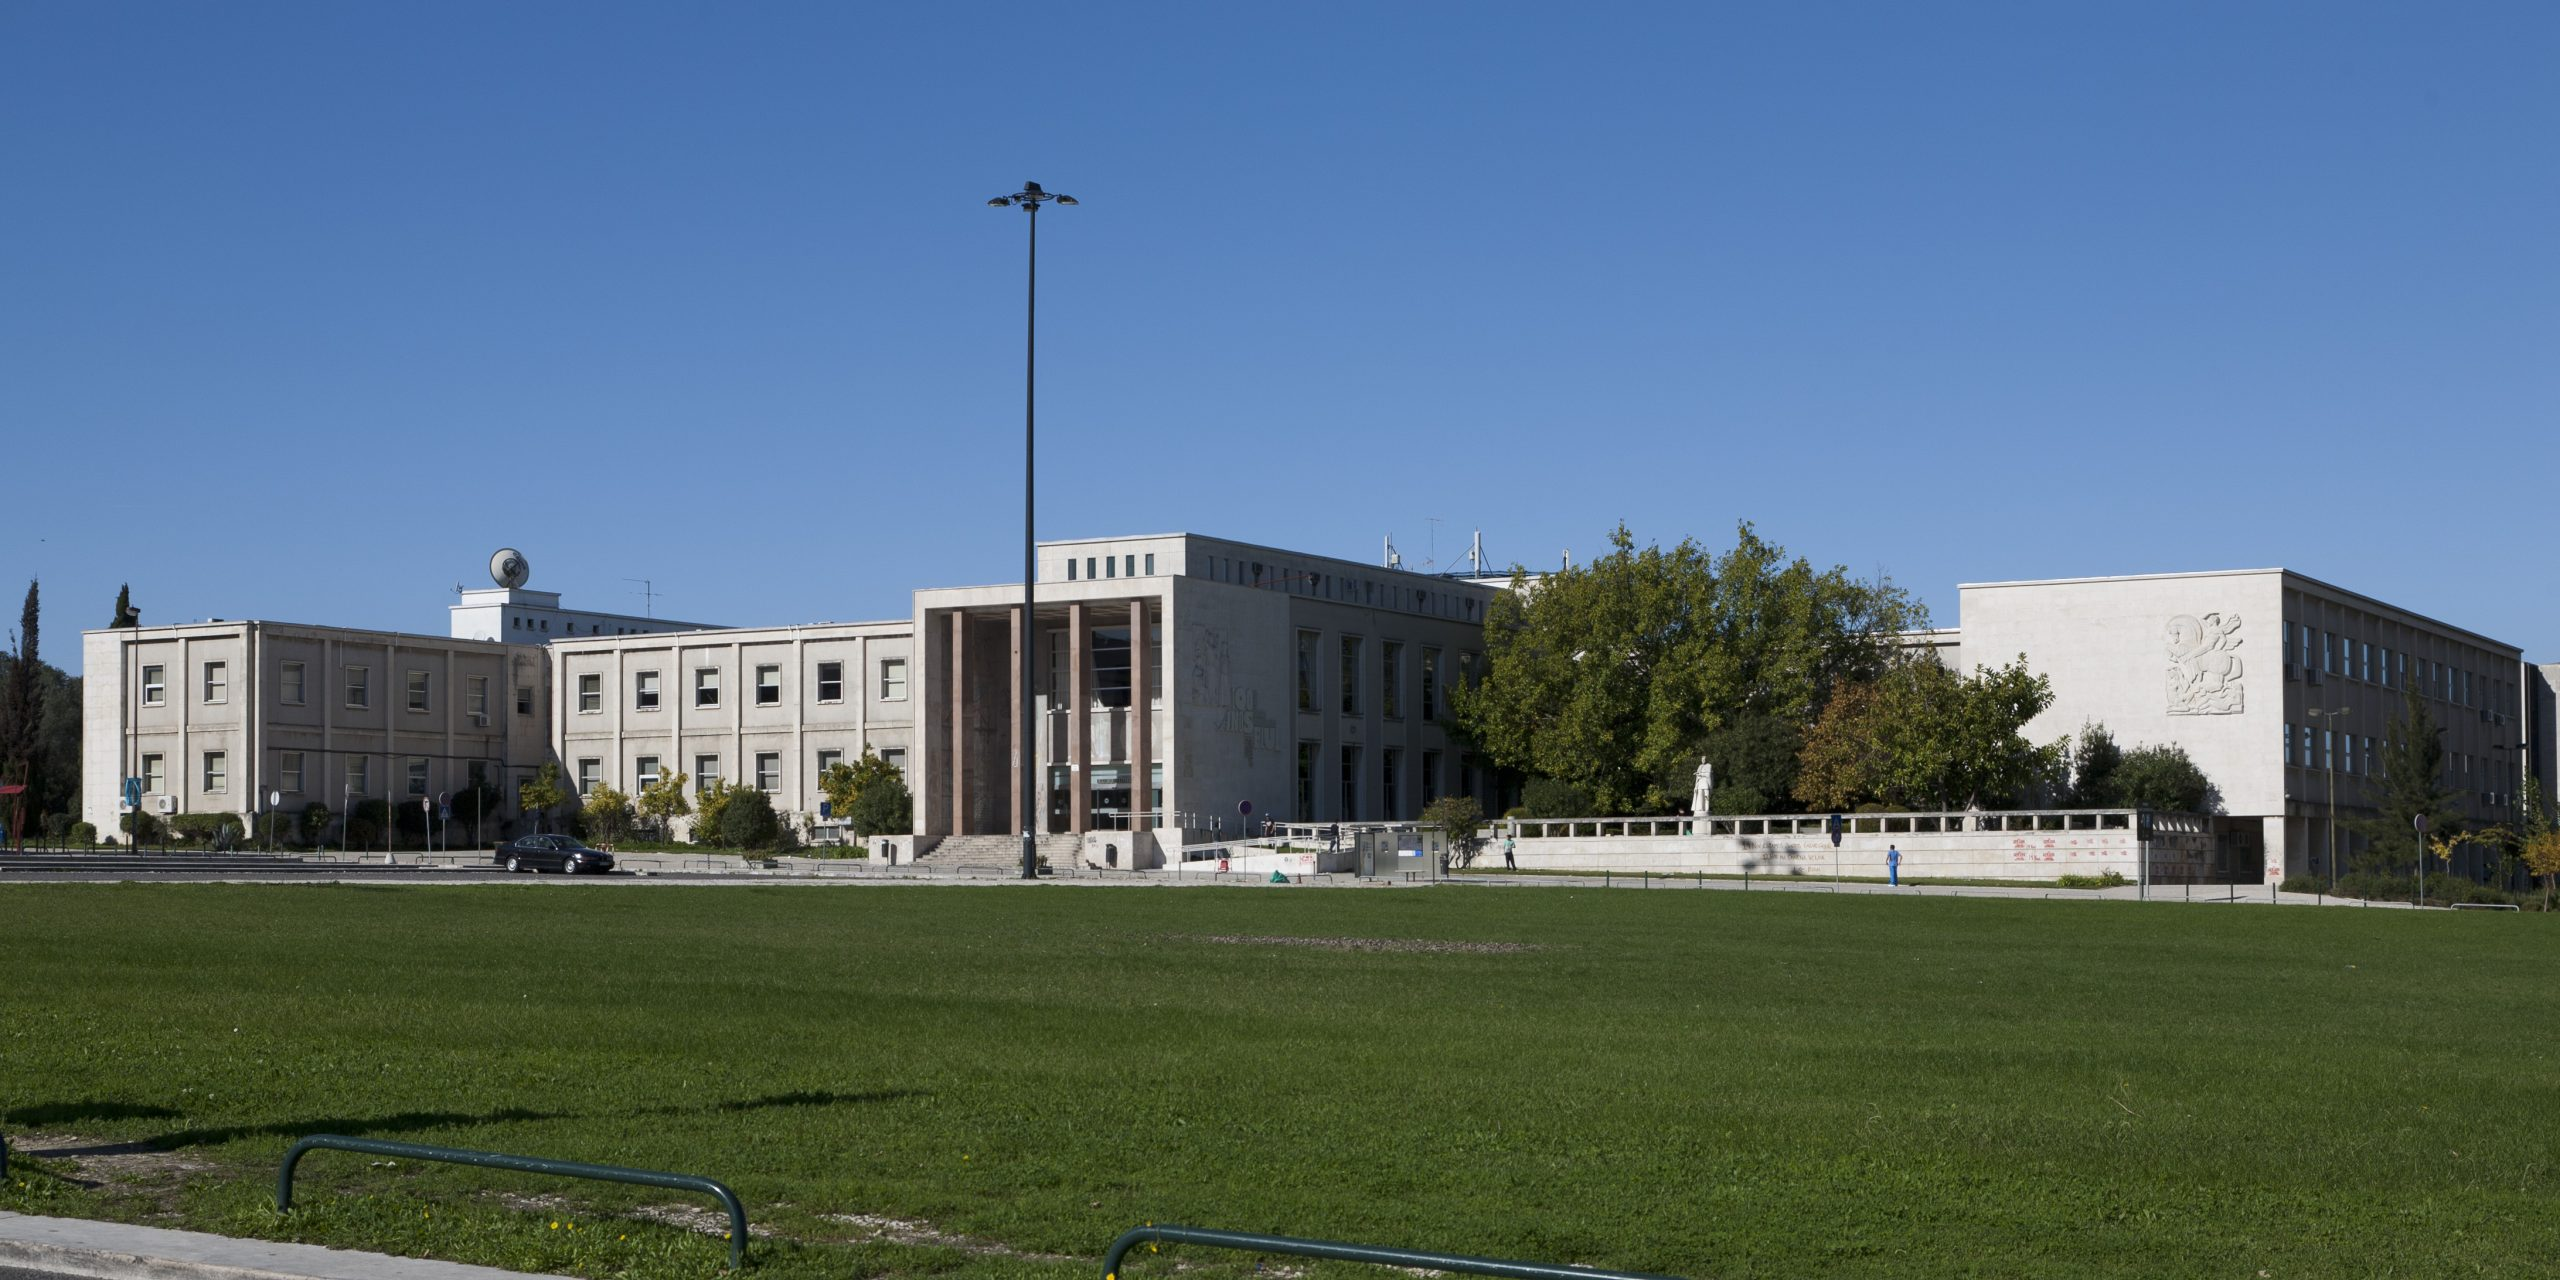 دانشگاه لیسبون پرتغال